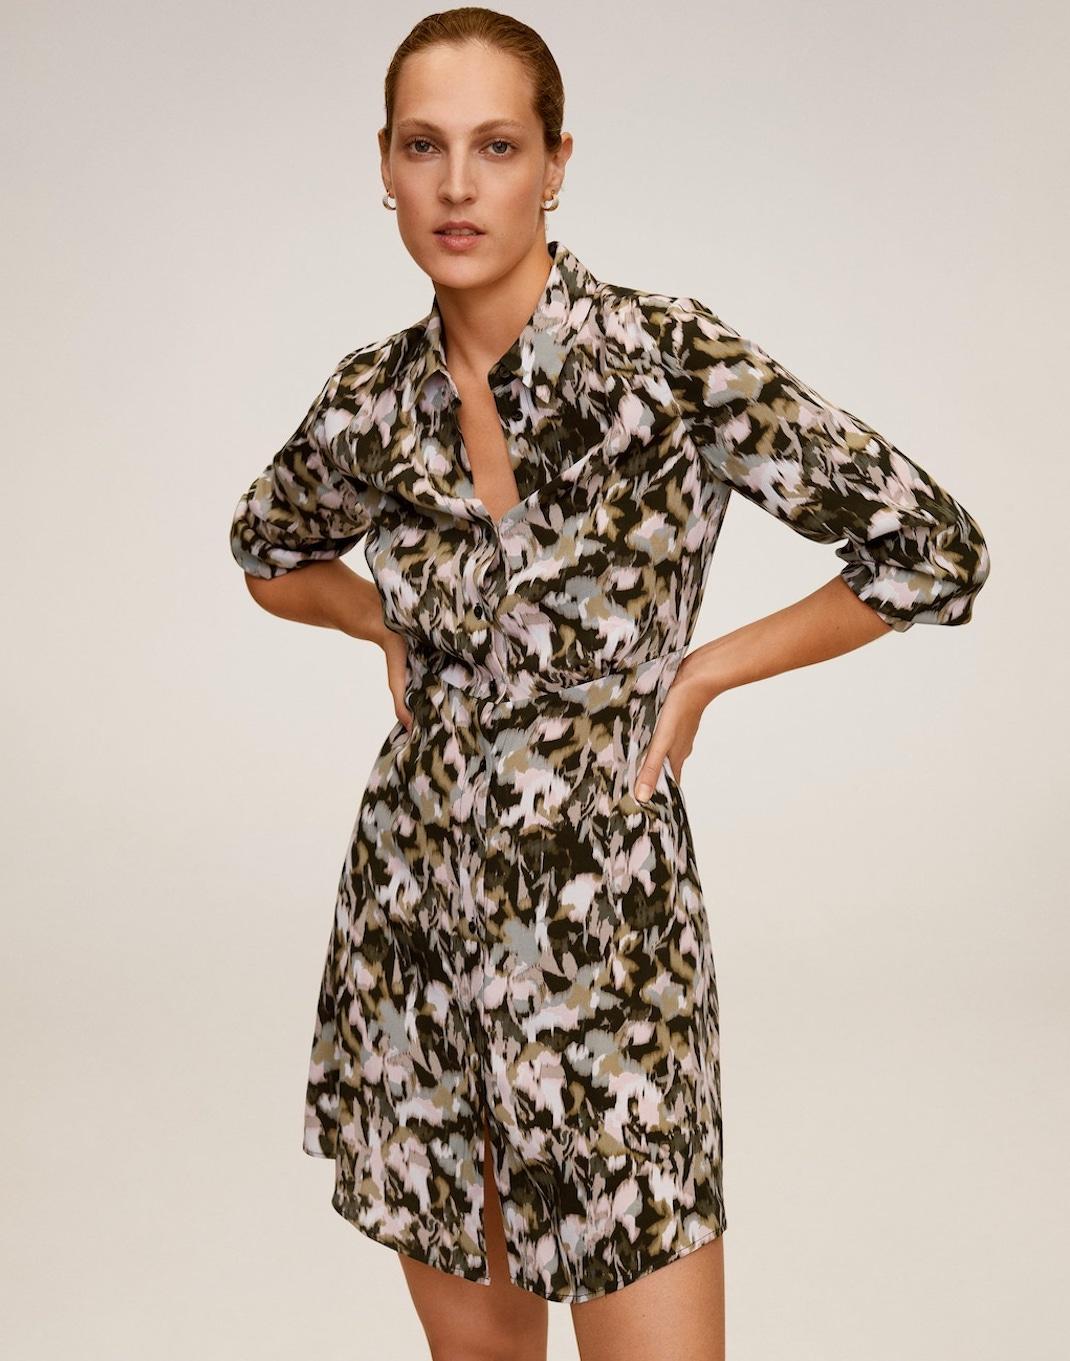 μοντέλο με φόρεμα Mango